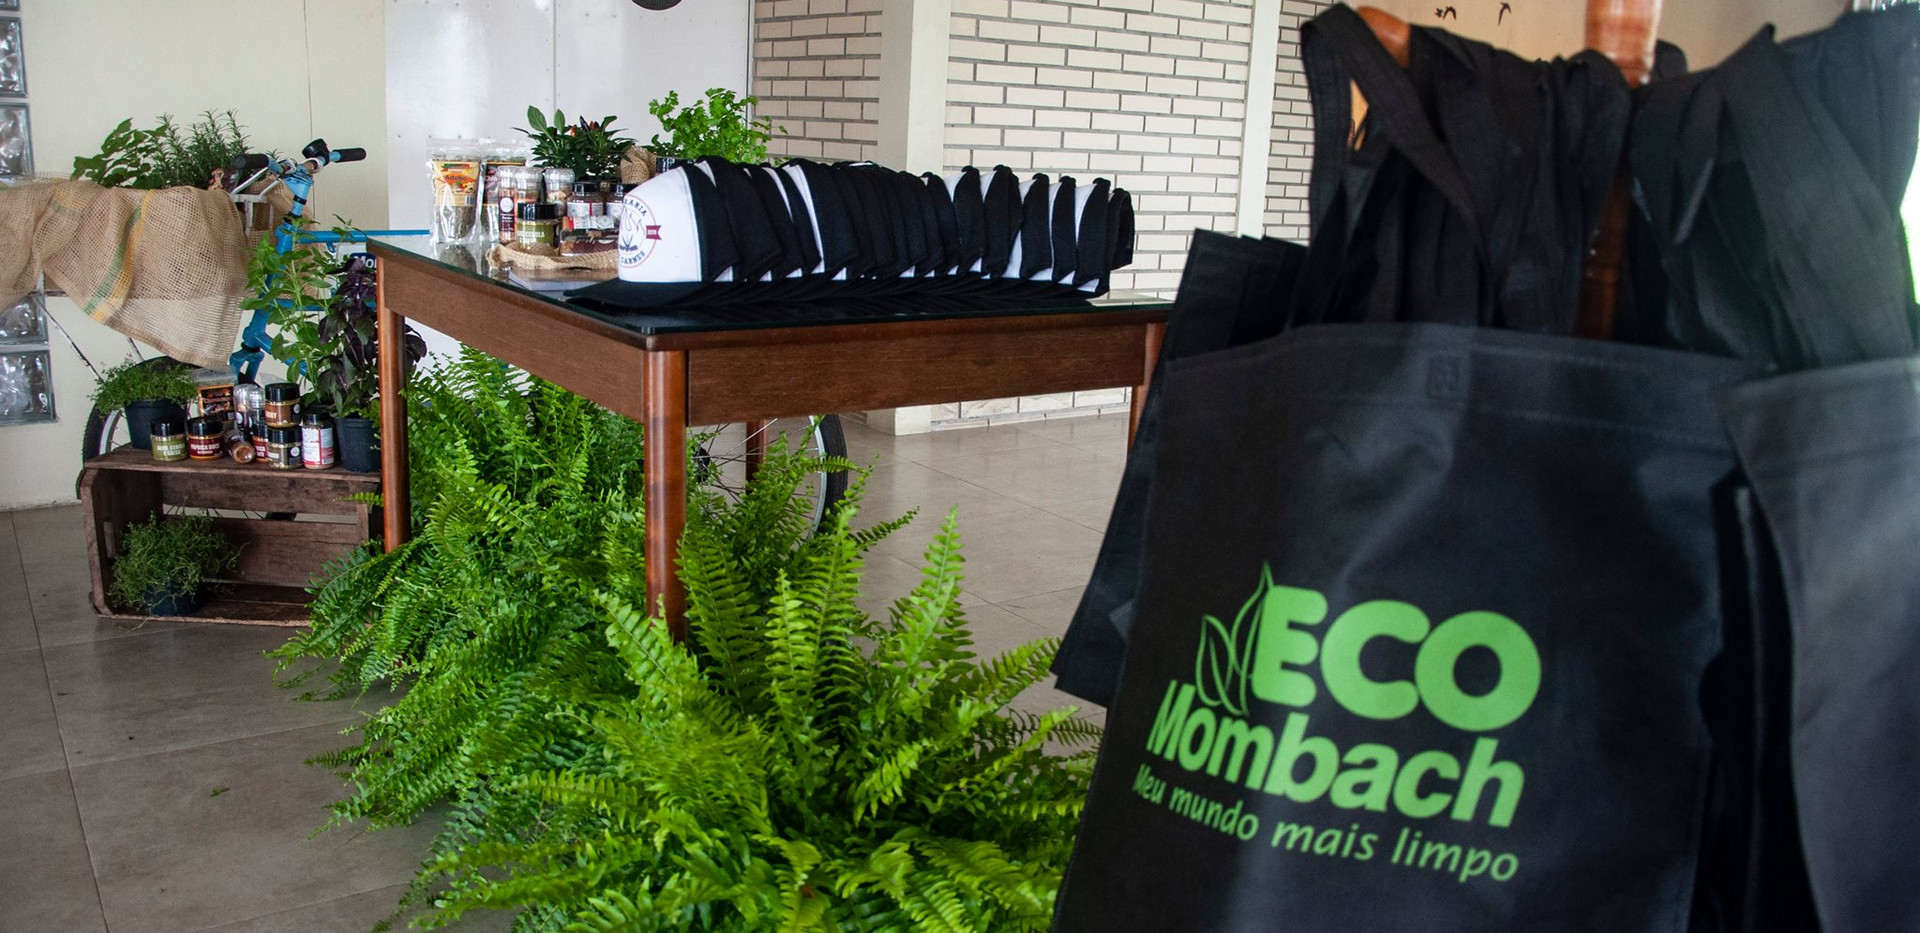 sacolas ecologicas.jpg